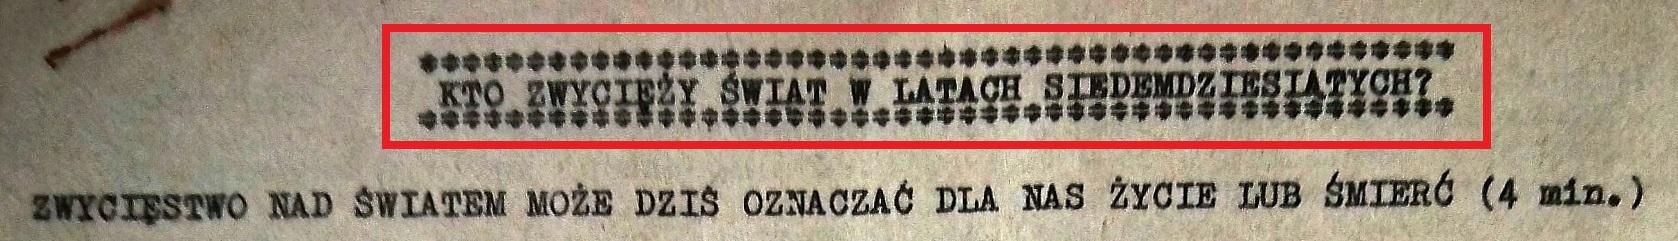 Wykład o 1975 roku (1972)